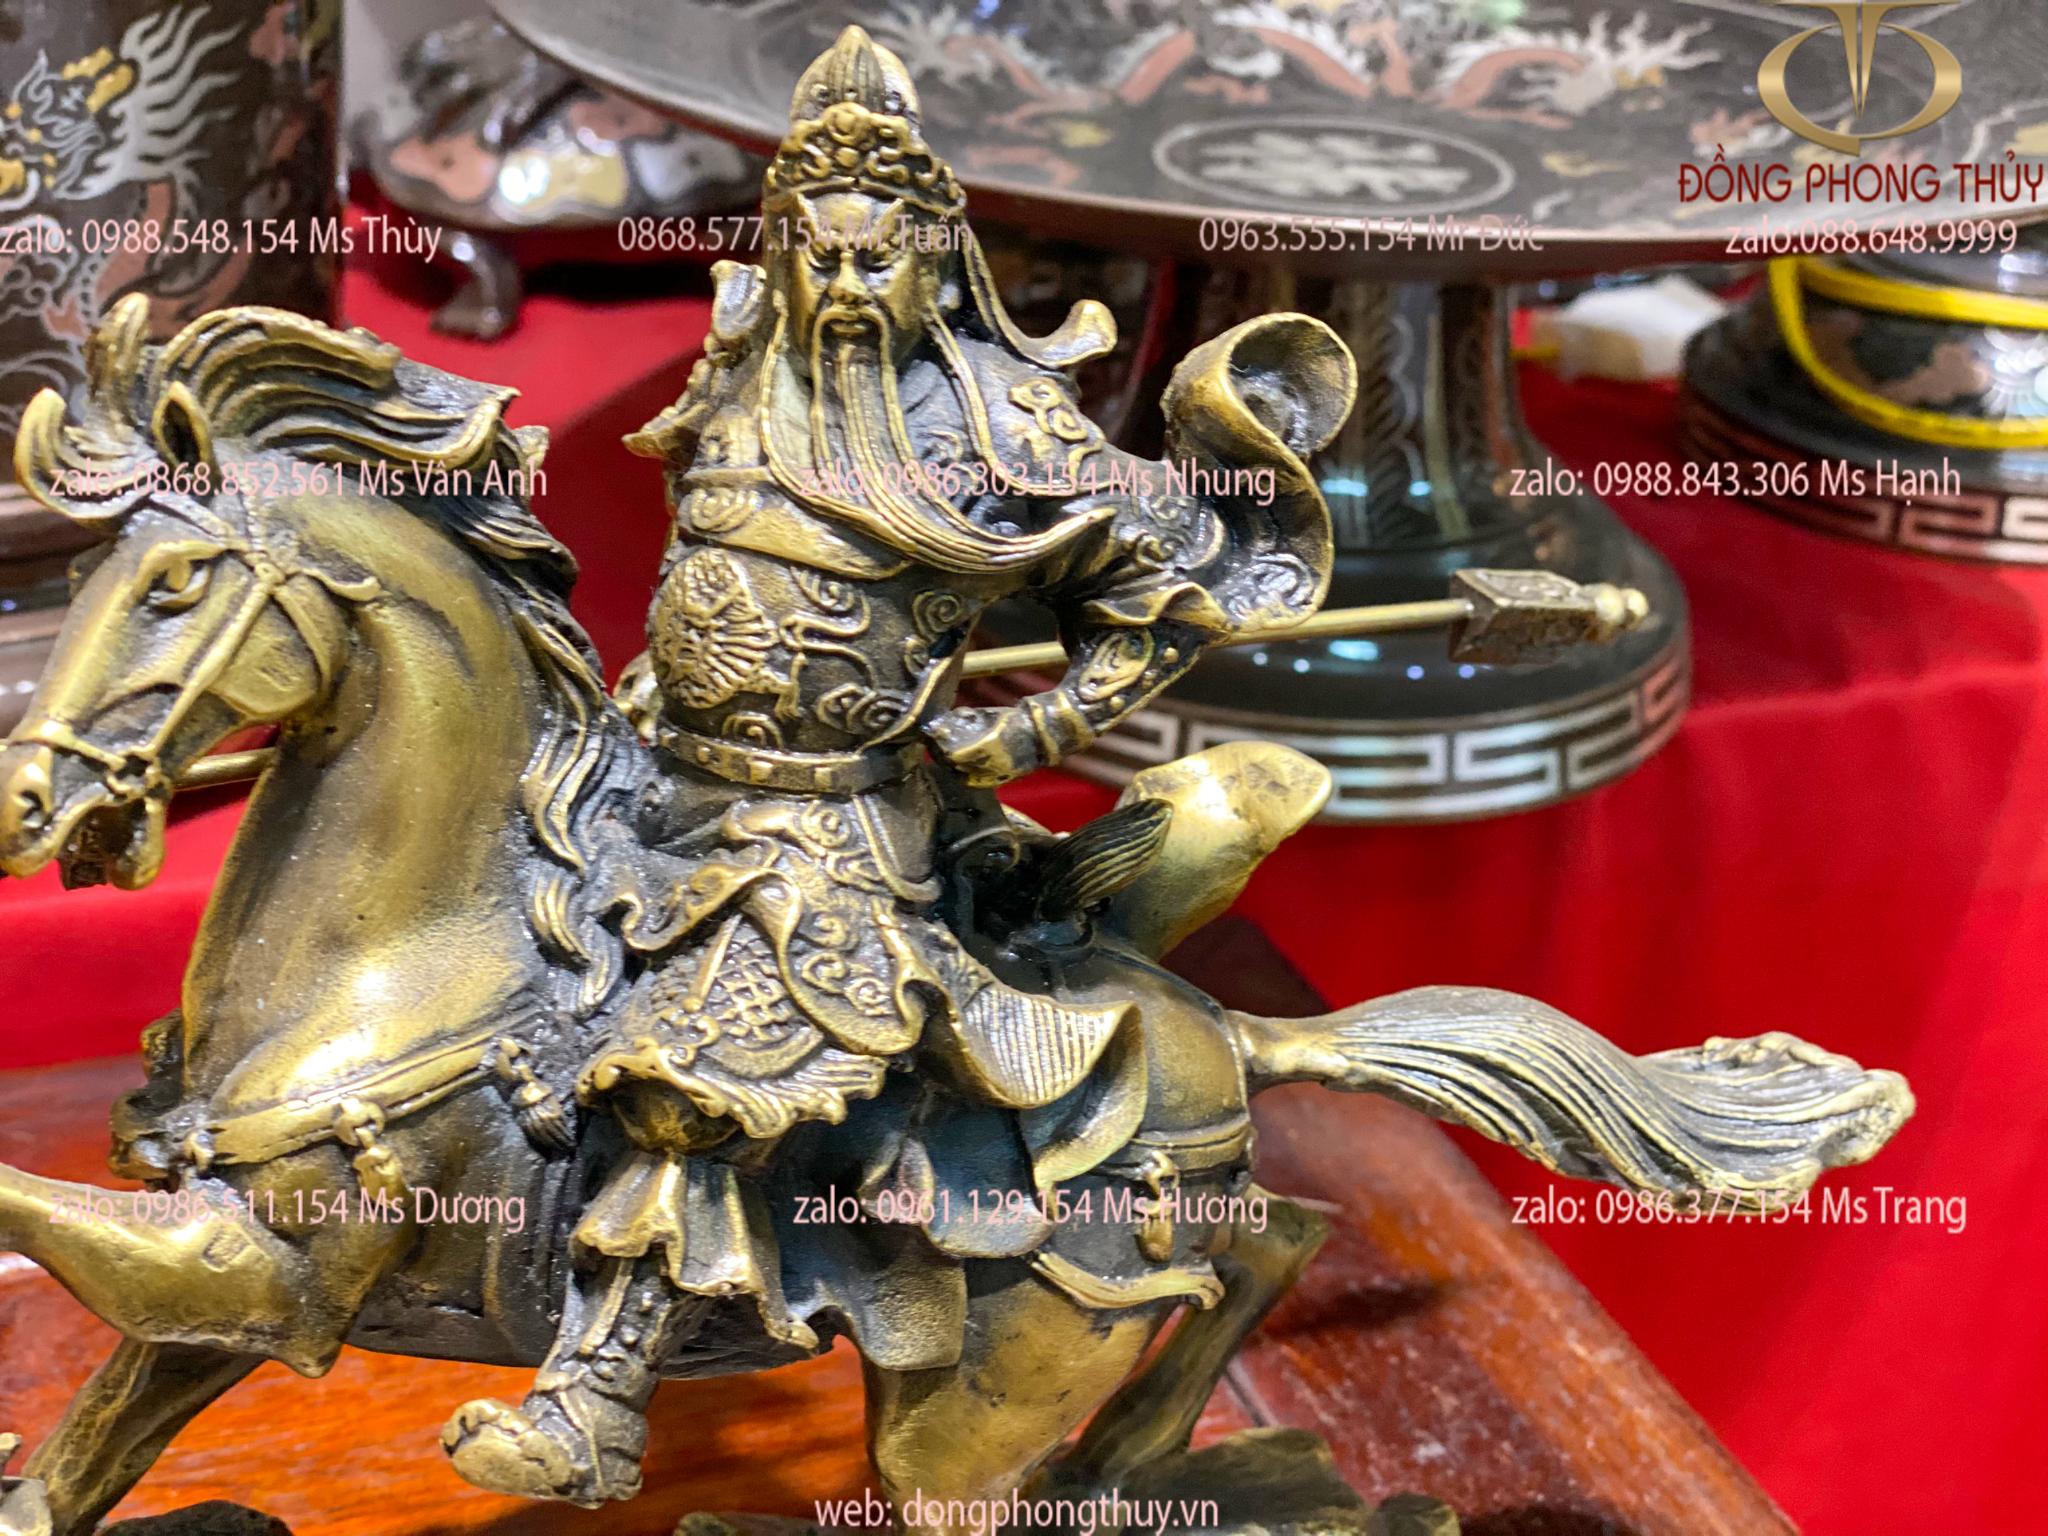 Tượng quan công cưỡi ngựa cầm thanh long đao cao 21,5 dài 25 ngang 9cm nặng 1,8kg